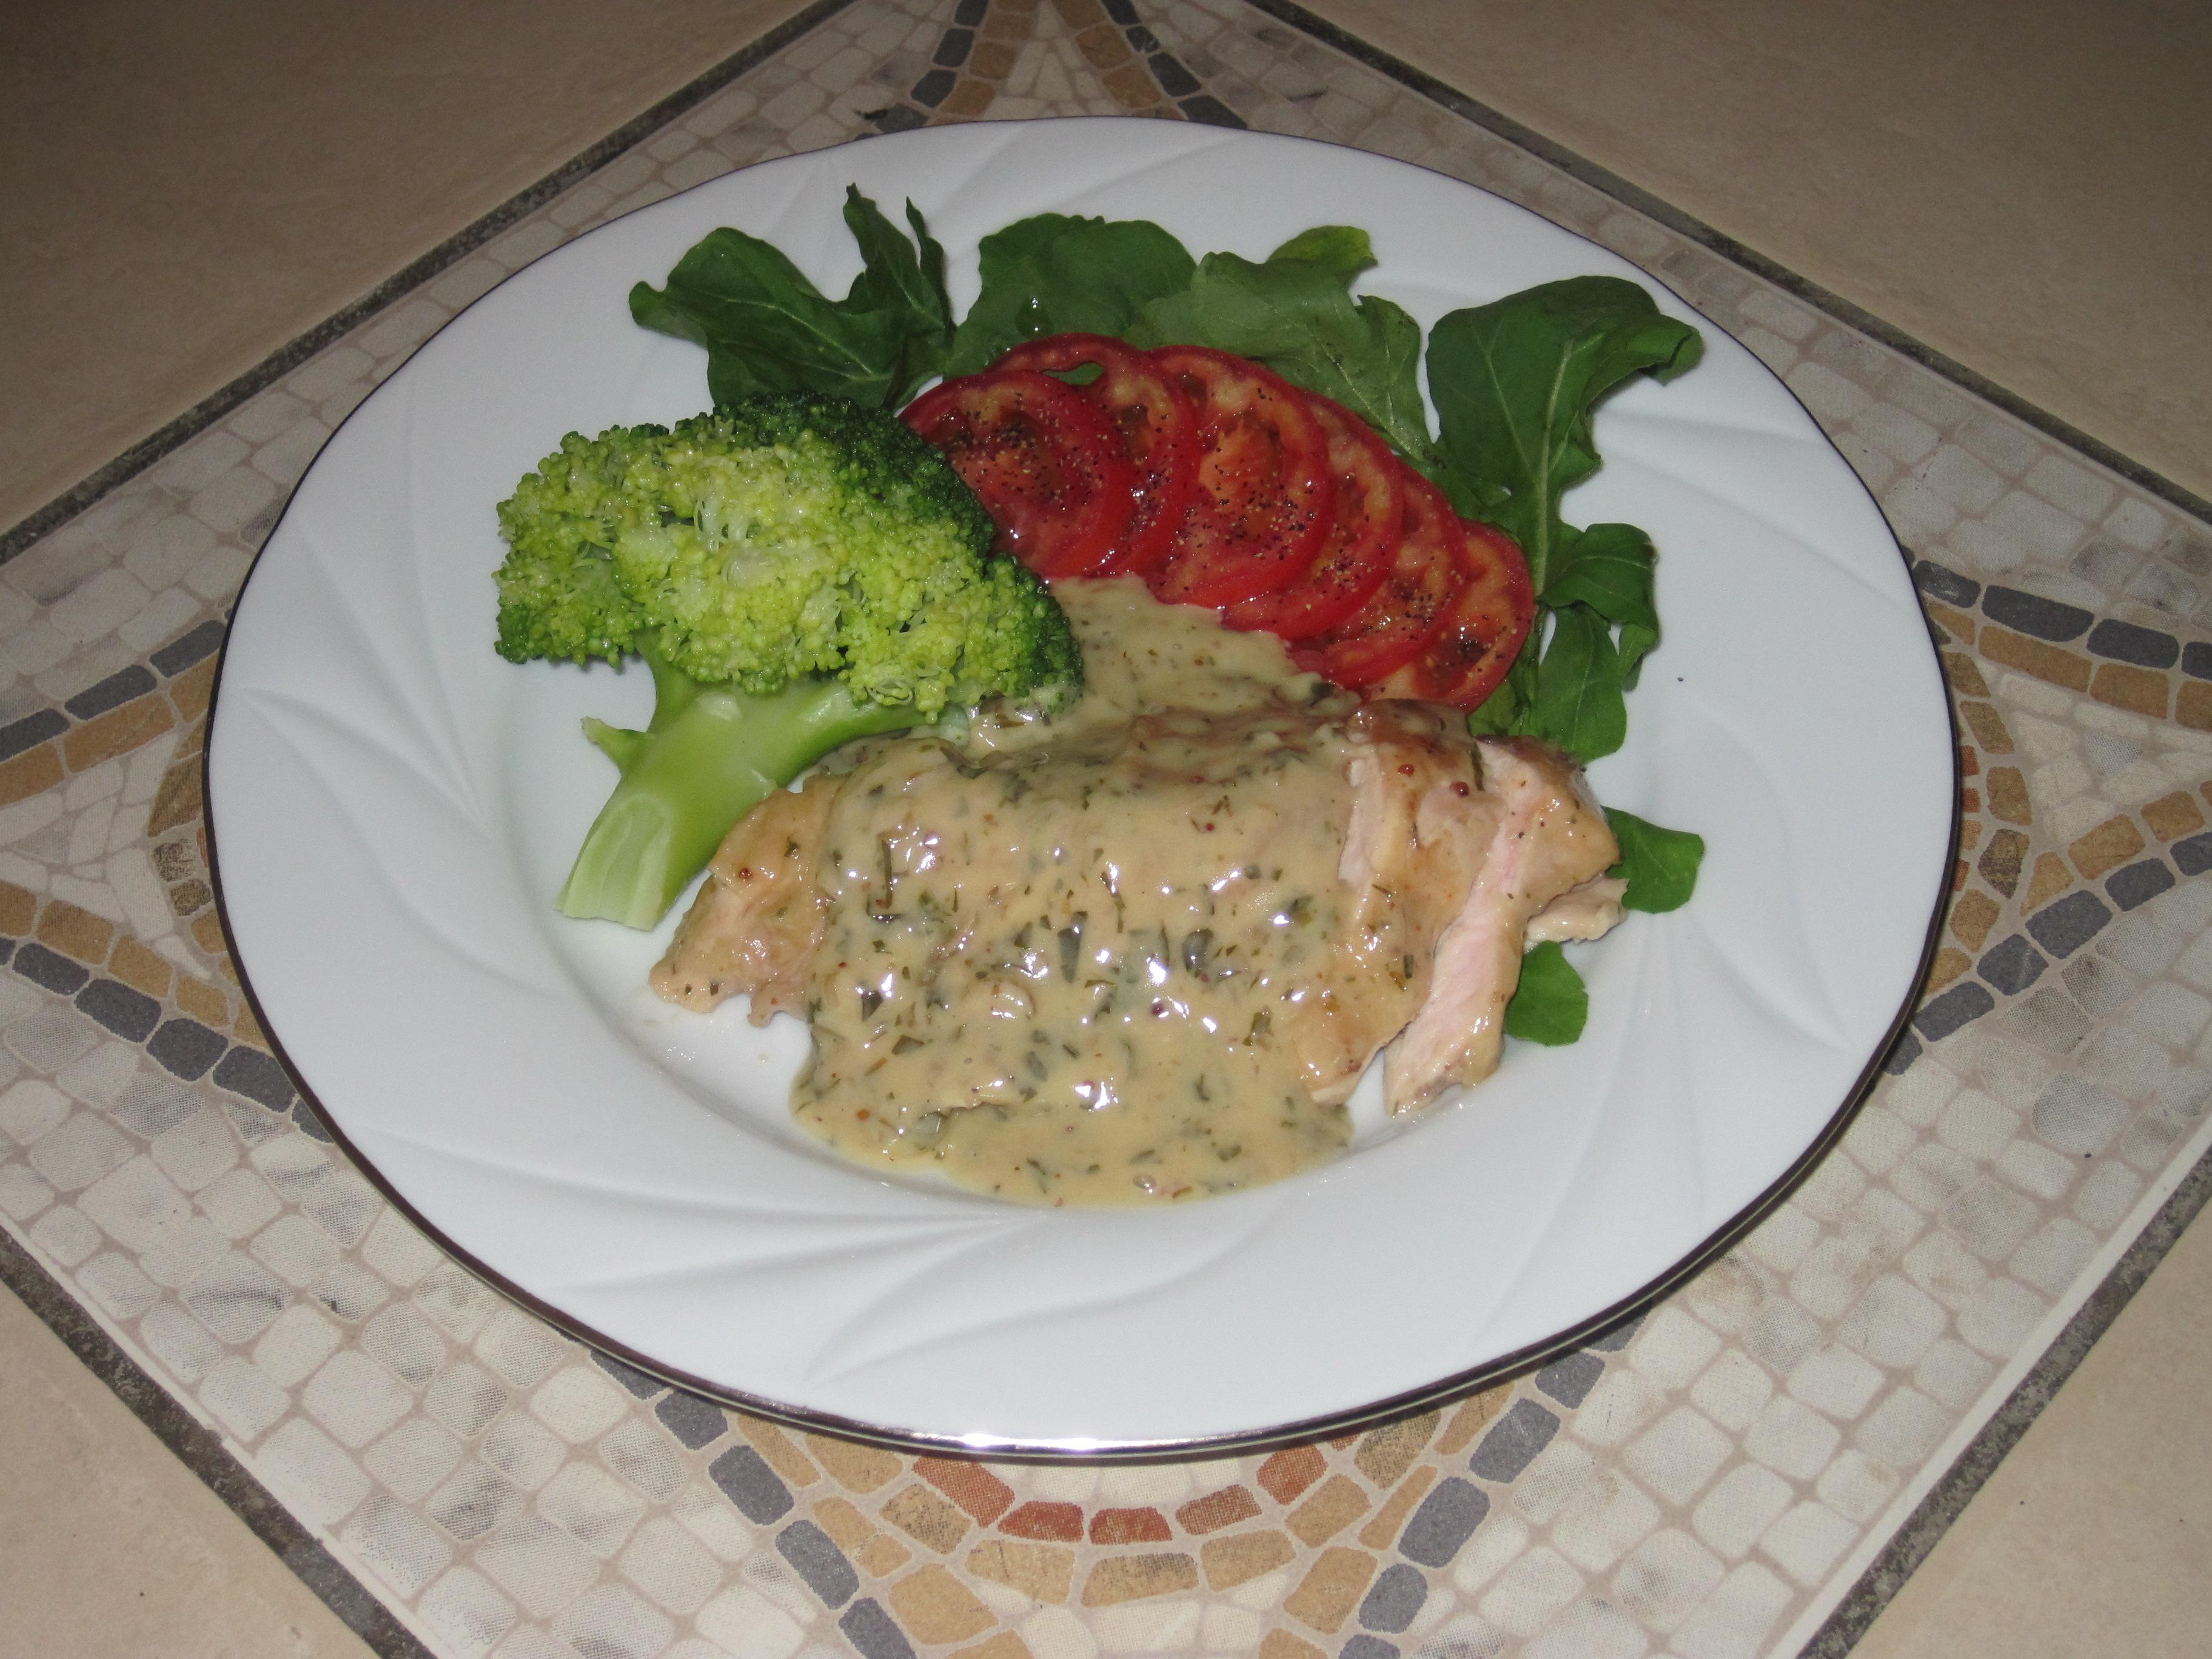 Grillat Kycklingbröst med Dragon-Smörsås och Broccoli